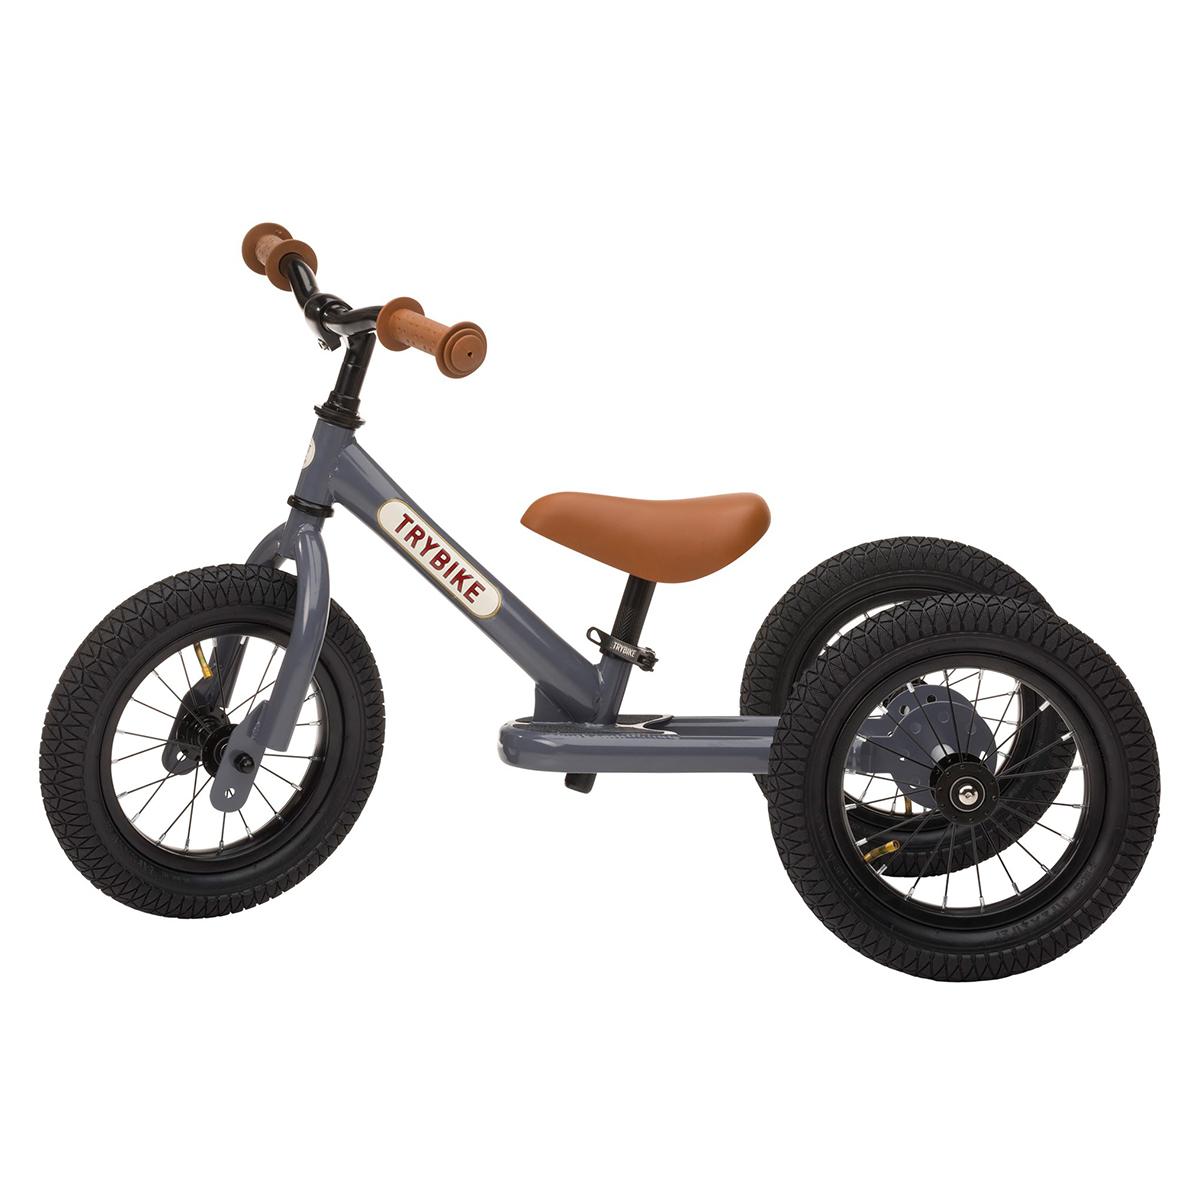 Trotteur & Porteur Trybike 2 en 1 - Anthracite